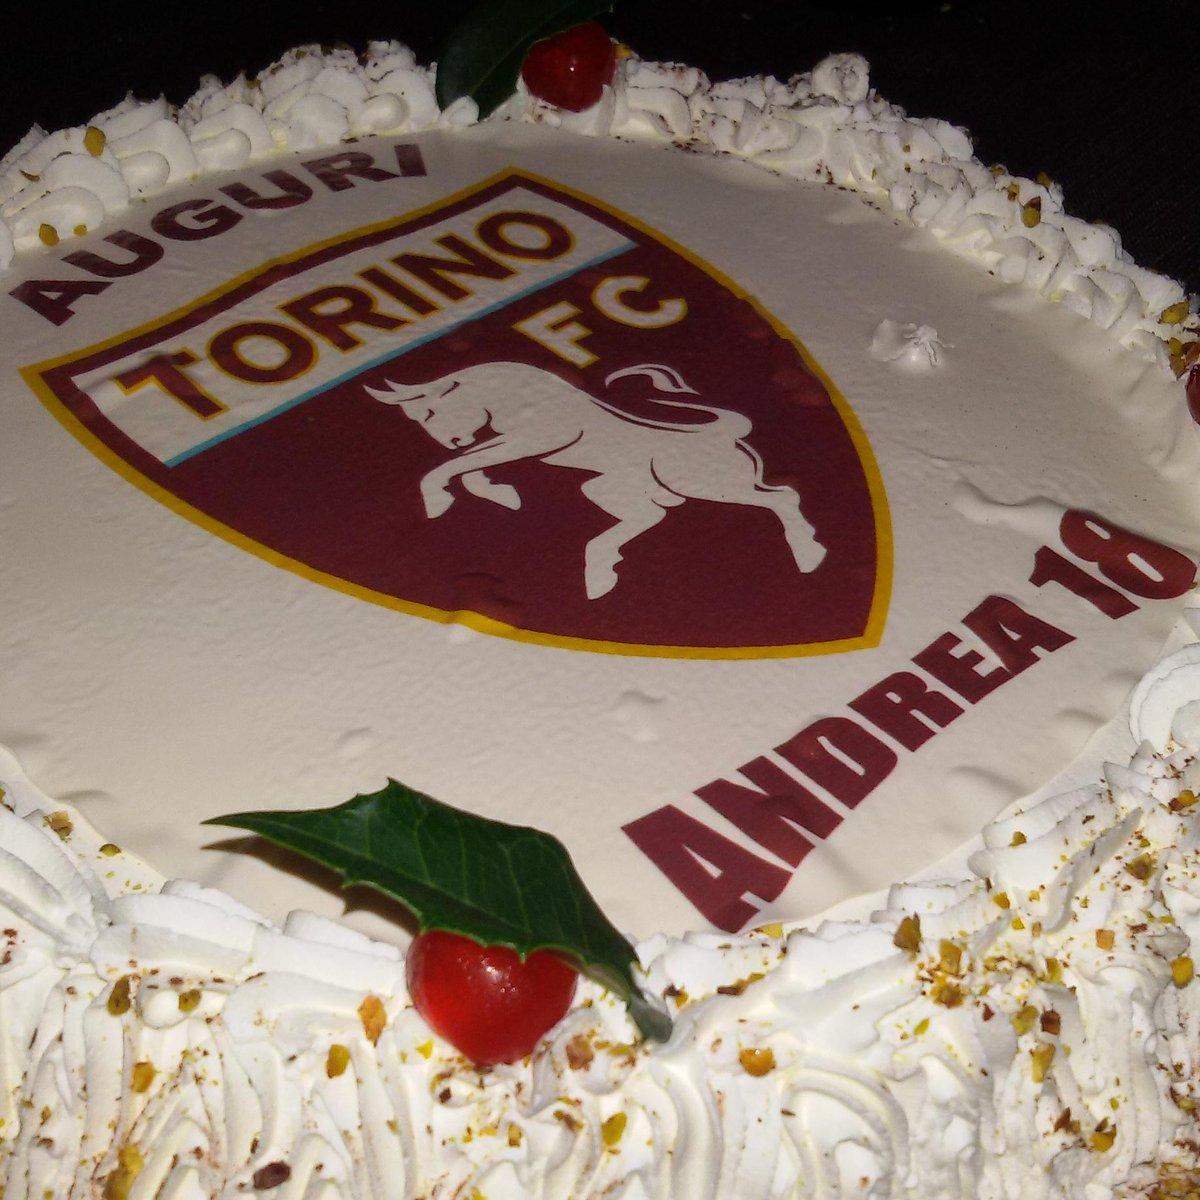 Andrea Milanesio On Twitter Buon Compleanno Torinofc